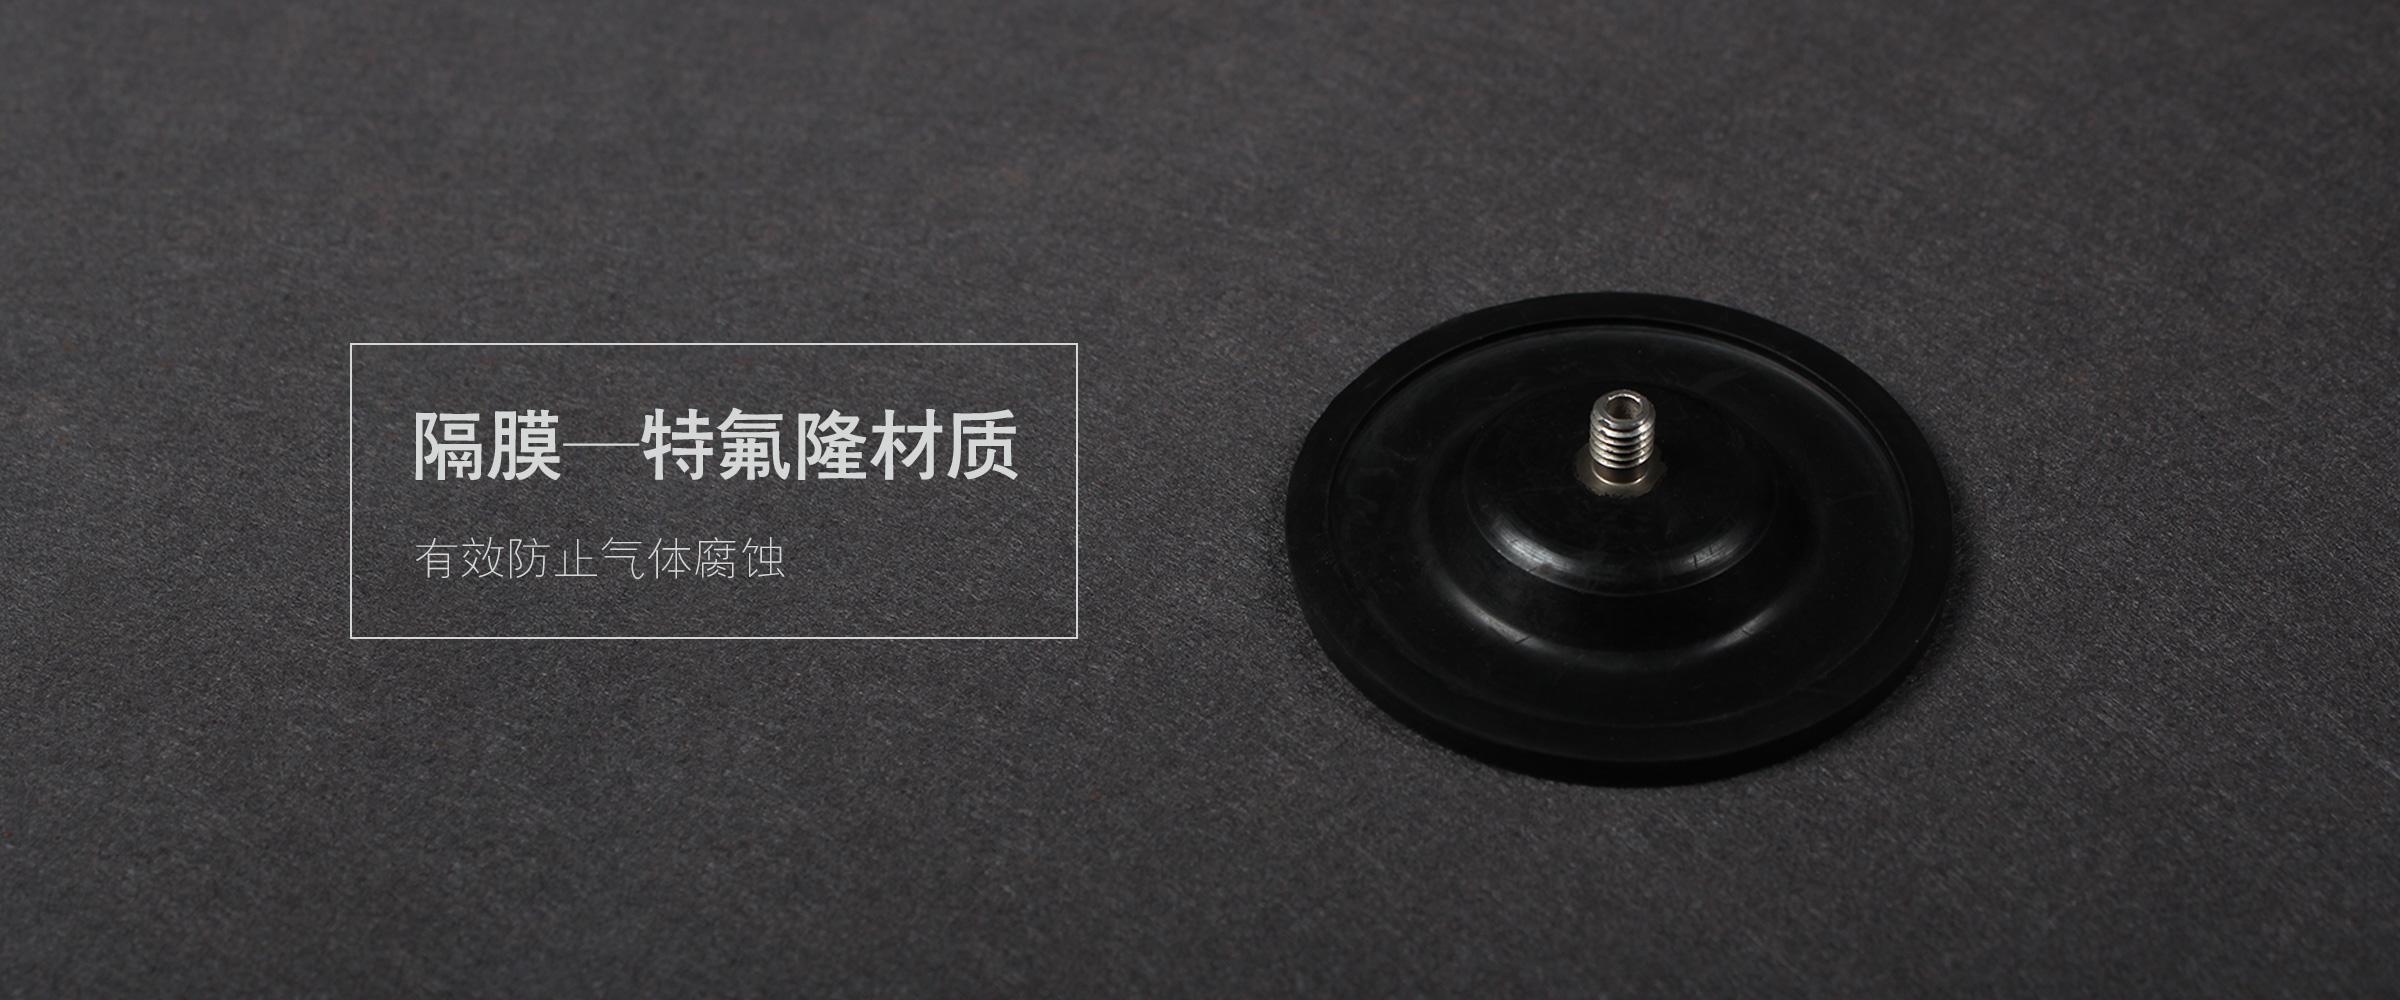 隔膜真空泵 (7)